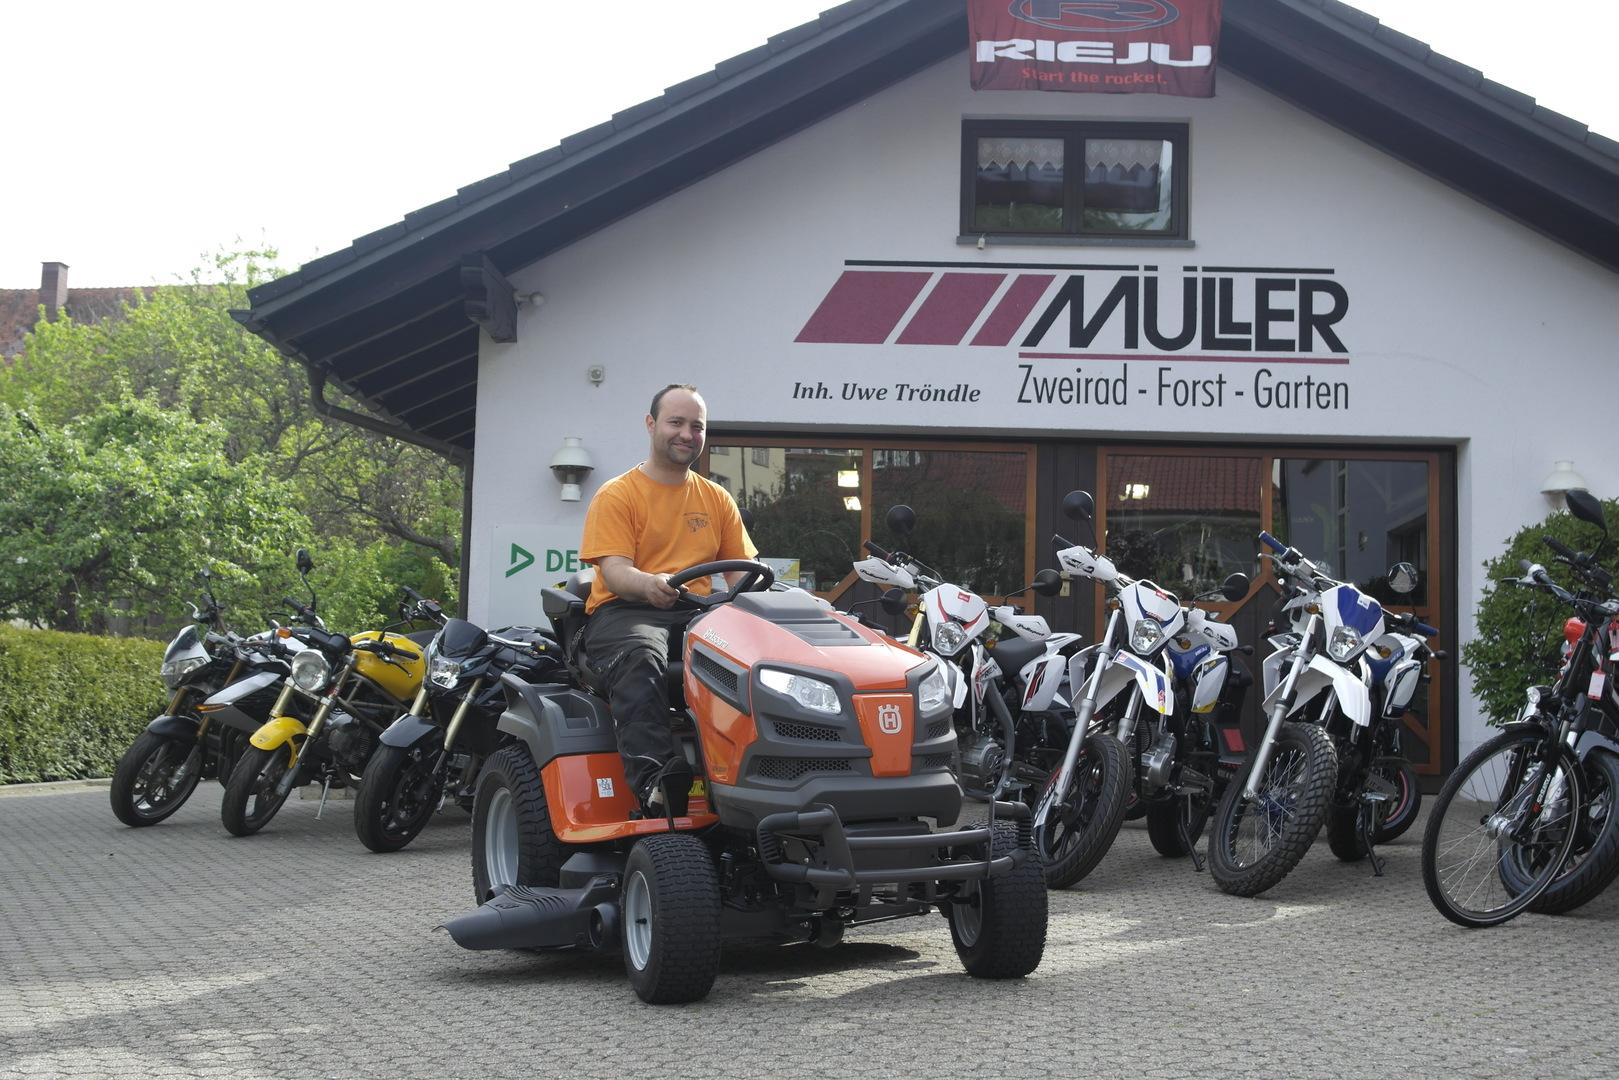 Müller Geschäft